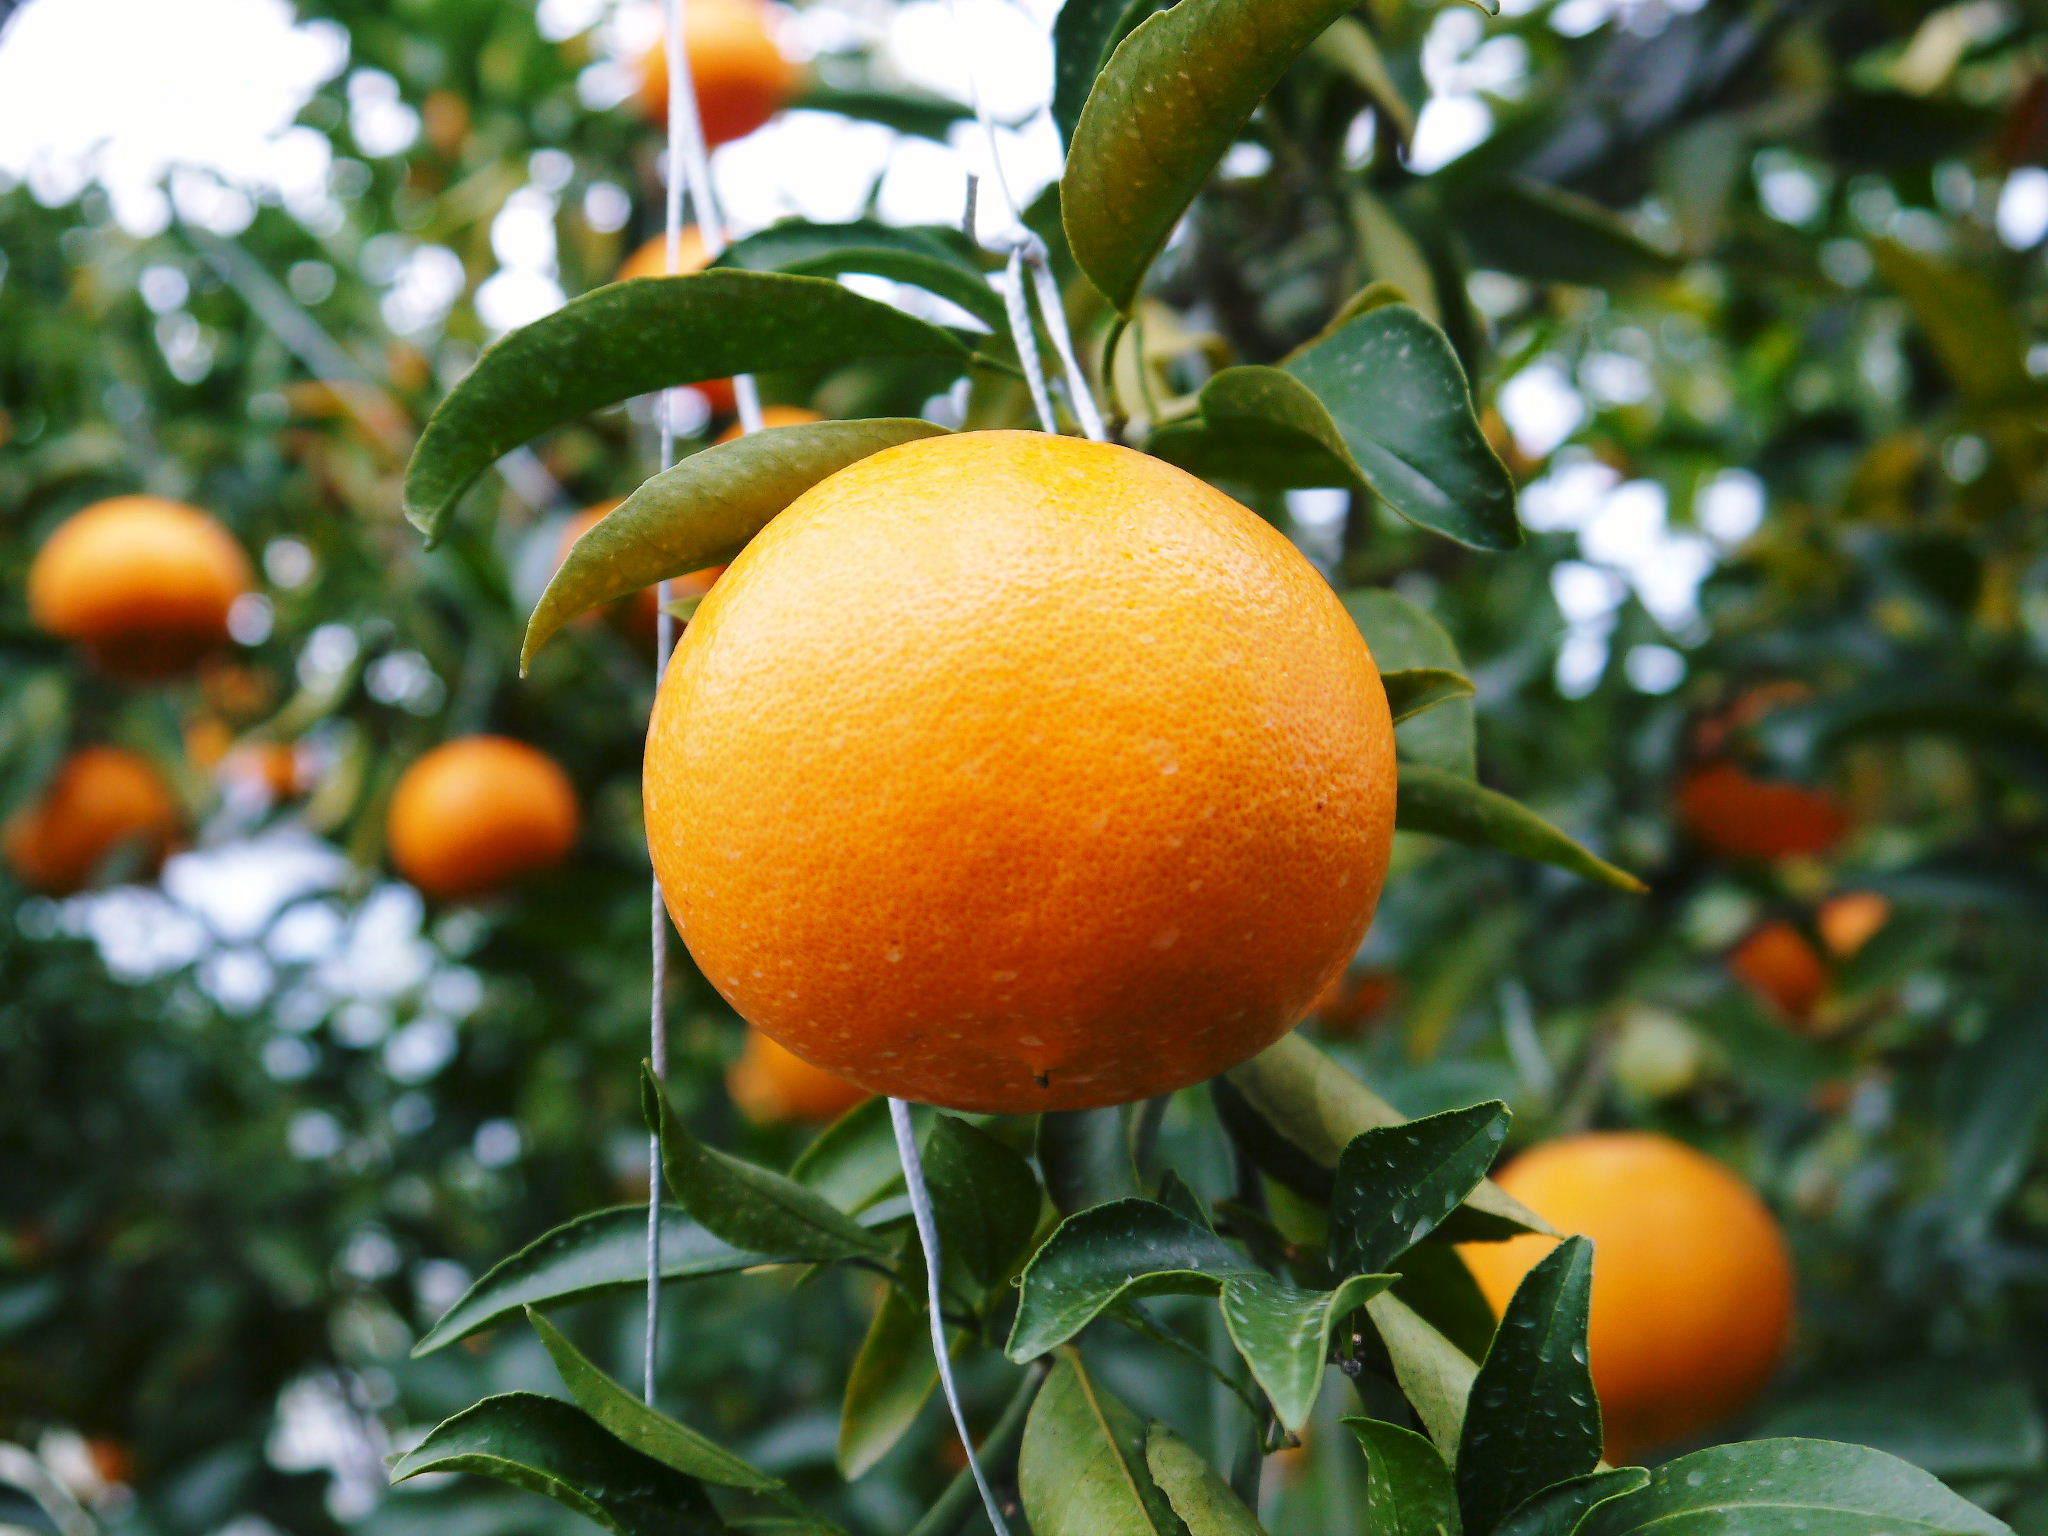 究極の柑橘『せとか』 令和2年の出荷スタート!収穫の様子を現地取材!(後編)_a0254656_18212929.jpg